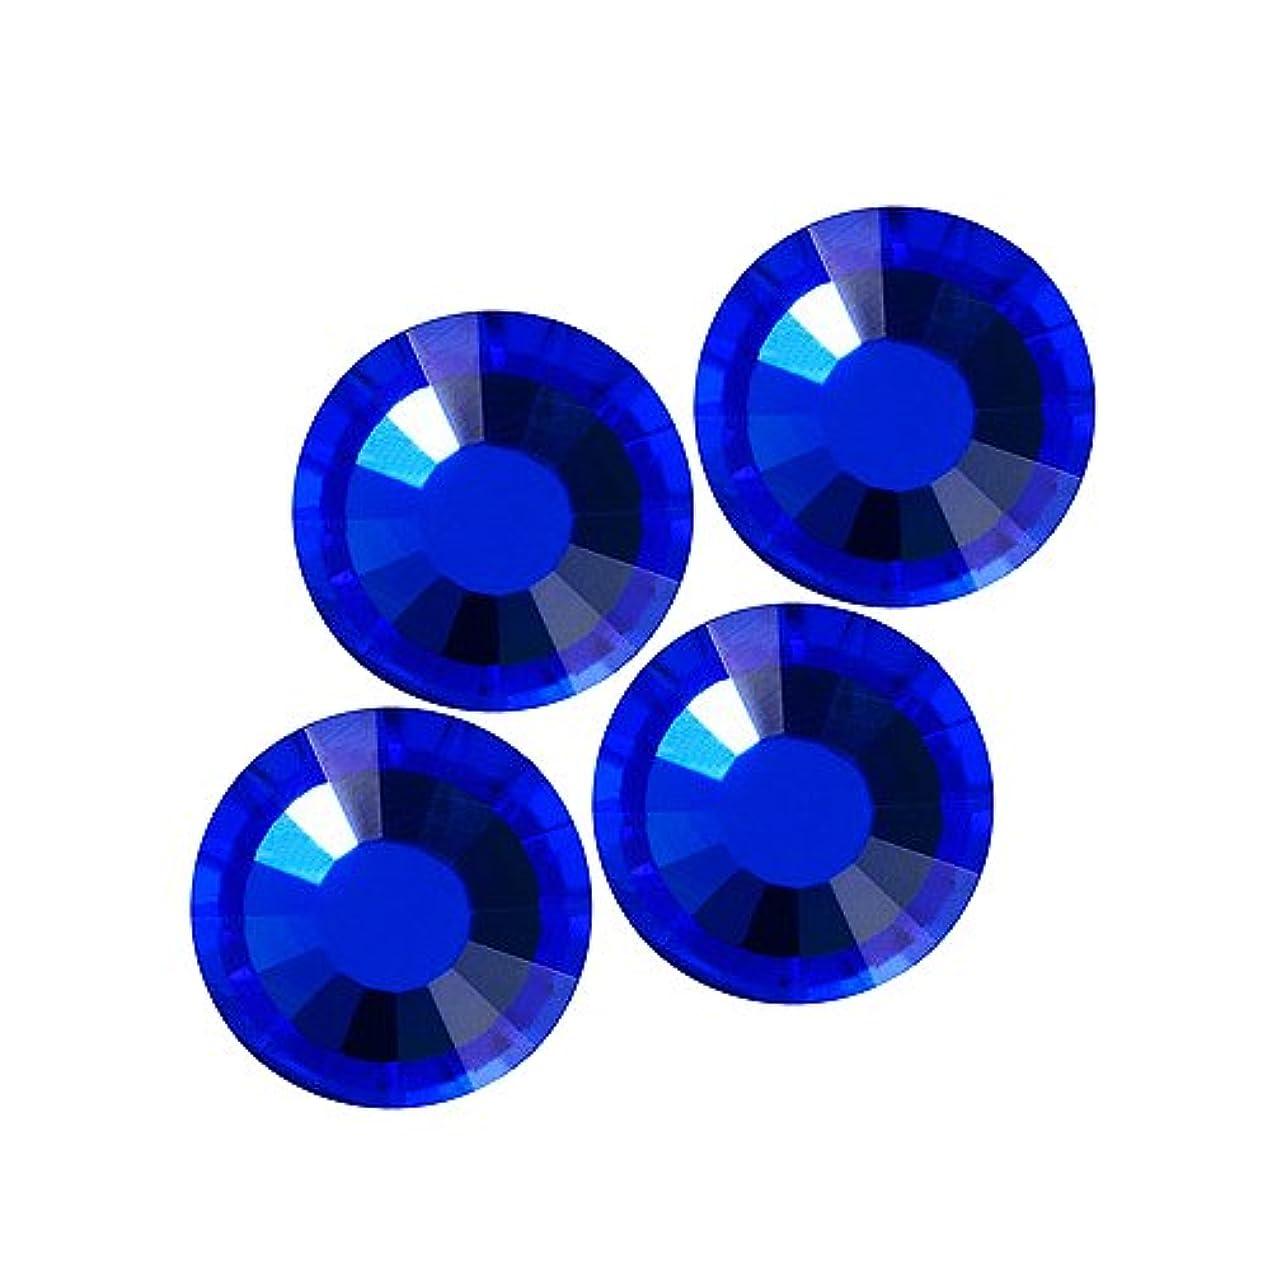 国内のおしゃれじゃない努力するバイナル DIAMOND RHINESTONE カプリブルー SS20 720粒 ST-SS20-CBU-5G